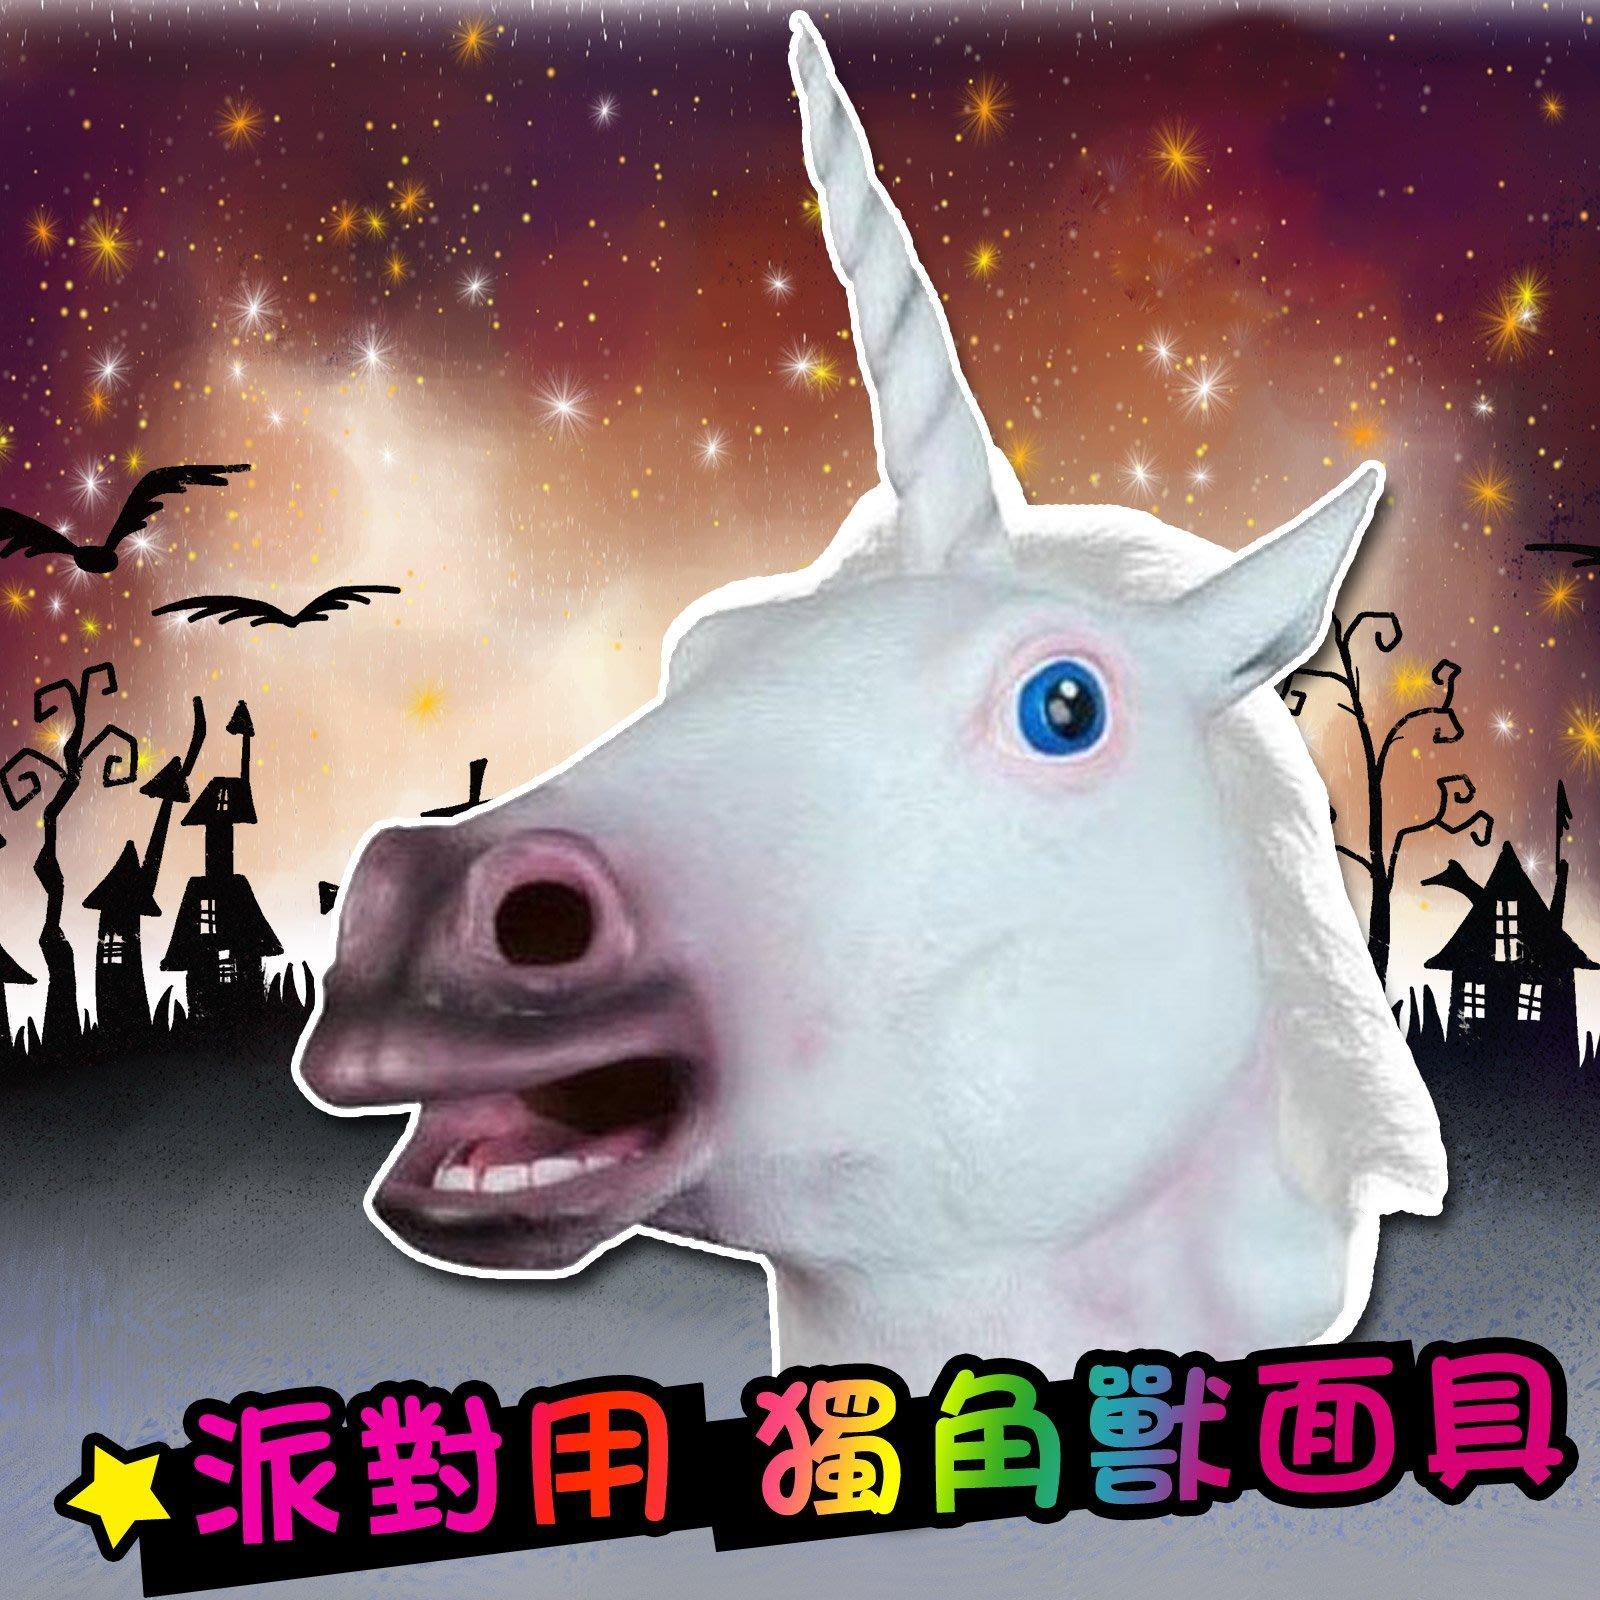 獨角獸馬頭面具【POP11】尾牙婚紗搞笑道具 變裝萬聖節聖誕跨年☆雙兒網☆